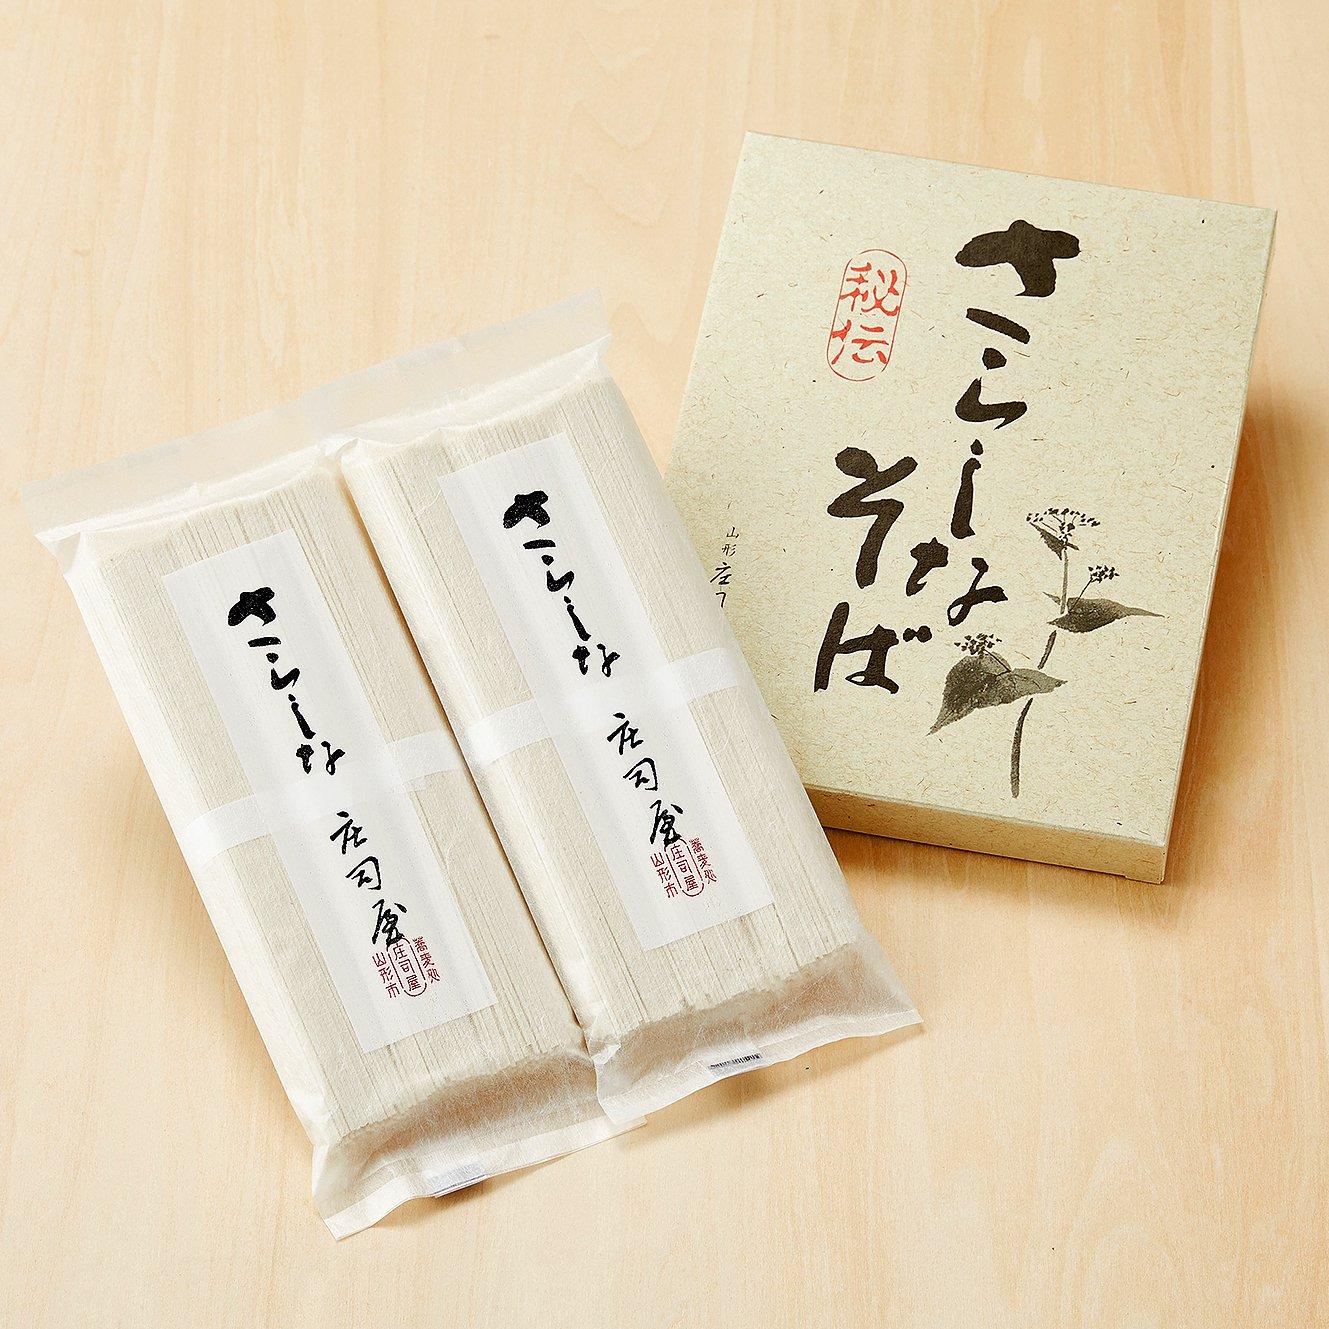 さらしな乾麺(2袋) の商品写真